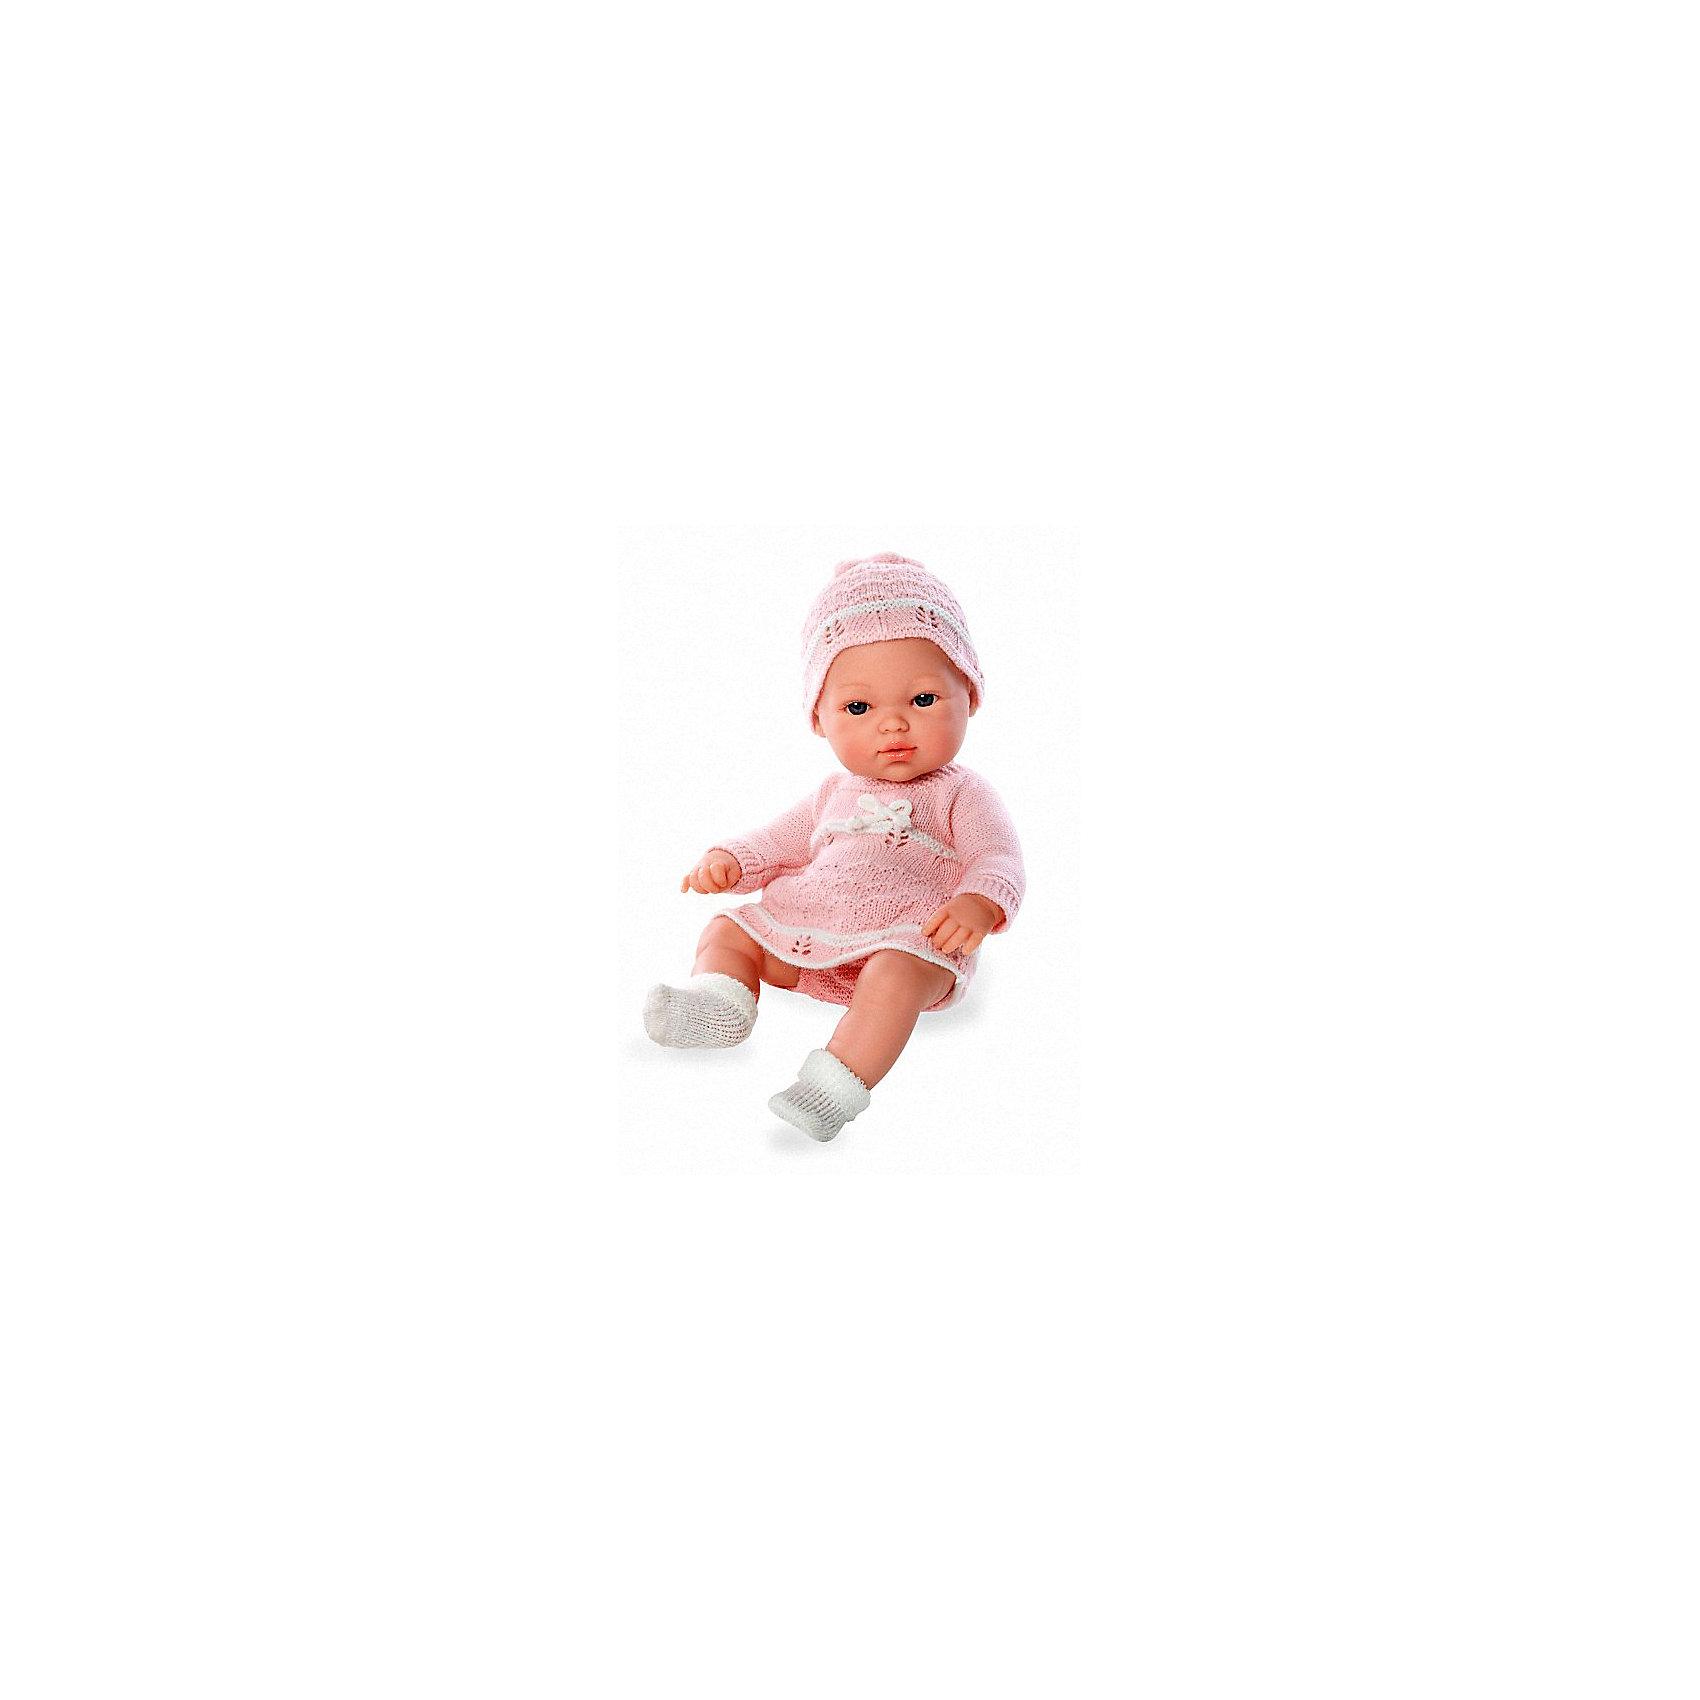 Пупс Блондинка, в розовом вязаном платье и шапочке, 33см, AriasКуклы-пупсы<br>Характеристики:<br><br>• Вид игр: сюжетно-ролевые<br>• Пол: для девочек<br>• Коллекция: Elegance<br>• Материал: винил, текстиль<br>• Длина пупса: 33 см<br>• Комплектация: пупс, платье, чепчик, пинетки<br>• Подвижные ручки и ножки <br>• Вес в упаковке: 1 кг 650 г<br>• Размеры упаковки (Г*Ш*В): 41*14*24 см<br>• Упаковка: картонная коробка<br>• Особенности ухода: куклу можно купать, одежда – ручная стирка<br><br>Пупс Блондинка, в розовом вязаном платье и шапочке, 33см, Arias изготовлен известным испанским торговым предприятием Munecas, который специализируется на выпуске кукол и пупсов. Пупсы и куклы Arias с высокой степенью достоверности повторяют облик маленьких детей, благодаря мельчайшим деталям внешнего вида и одежды игрушки выглядят мило и очаровательно. Пупс выполнен из винила, у него подвижные ручки и ножки, четко прорисованные глаза и брови, курносый носик и пухленькие губки. Малышка одета в вязаное ажурной вязкой платье розового цвета, белые пинетки и чепчик. Пупс Блондинка, в розовом вязаном платье и шапочке, 33см, Arias станет идеальным подарком для девочки к любому празднику.<br><br>Пупса Блондинку, в розовом вязаном платье и шапочке, 33см, Arias можно купить в нашем интернет-магазине.<br><br>Ширина мм: 405<br>Глубина мм: 135<br>Высота мм: 245<br>Вес г: 1000<br>Возраст от месяцев: 36<br>Возраст до месяцев: 120<br>Пол: Женский<br>Возраст: Детский<br>SKU: 5355549